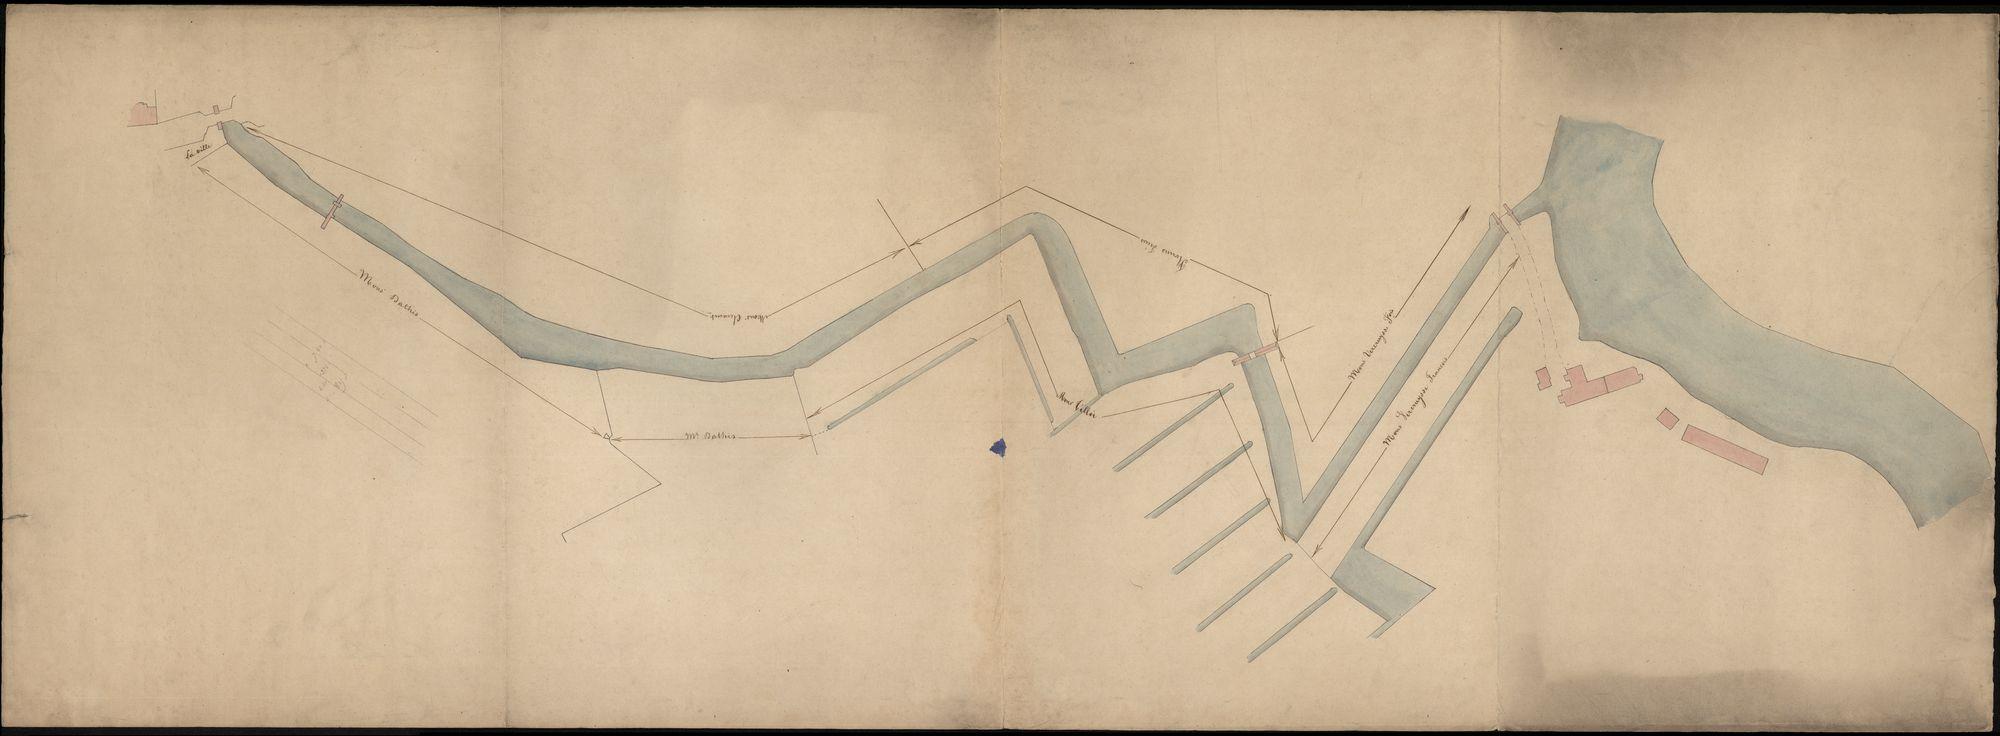 Plattegrond van het noordelijk deel van de stadswallen van Kortrijk tussen de Brugsepoort en de Leie, 19de eeuw